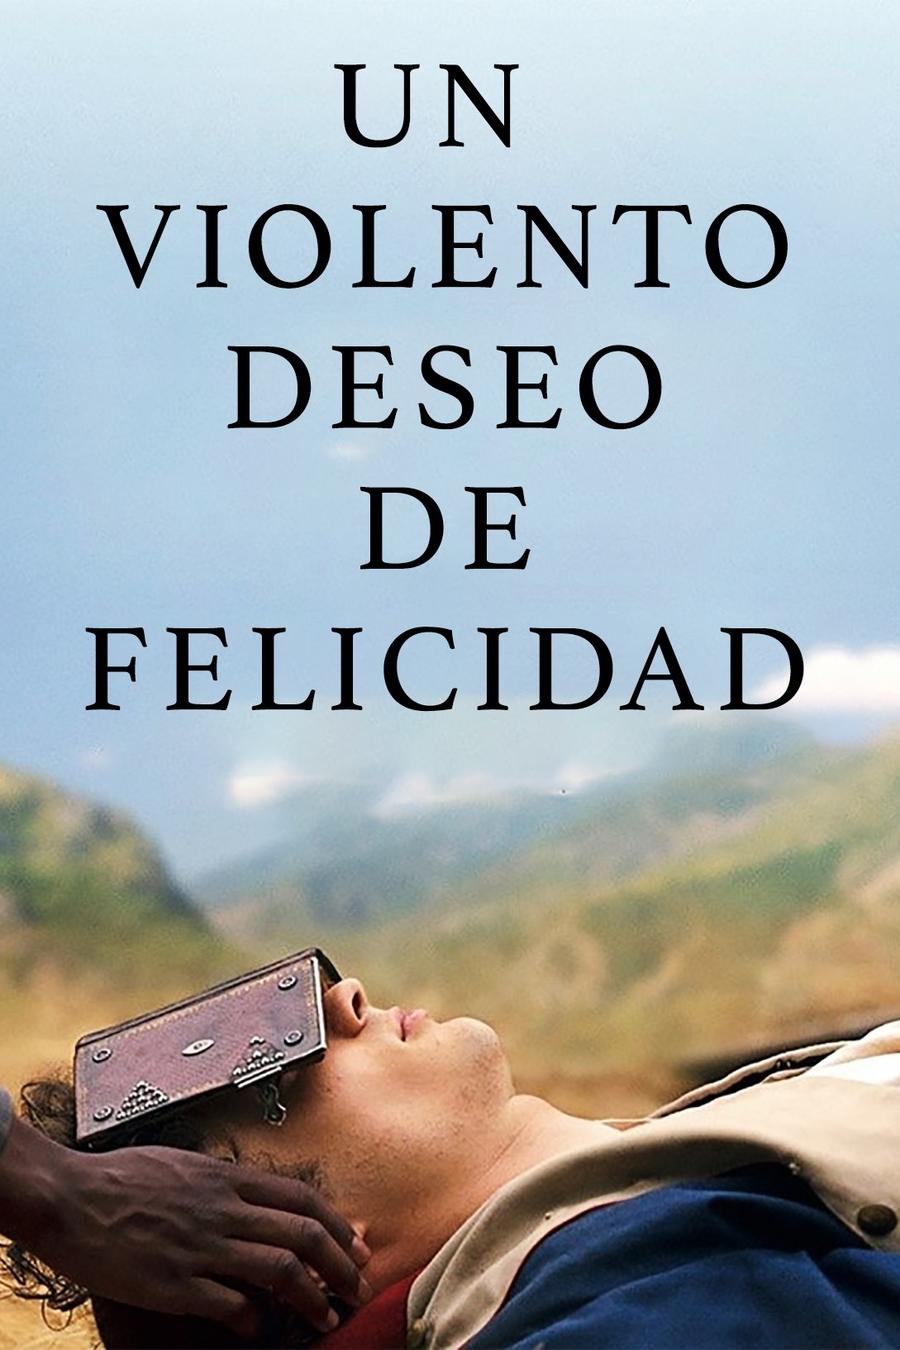 Un violento deseo de felicidad